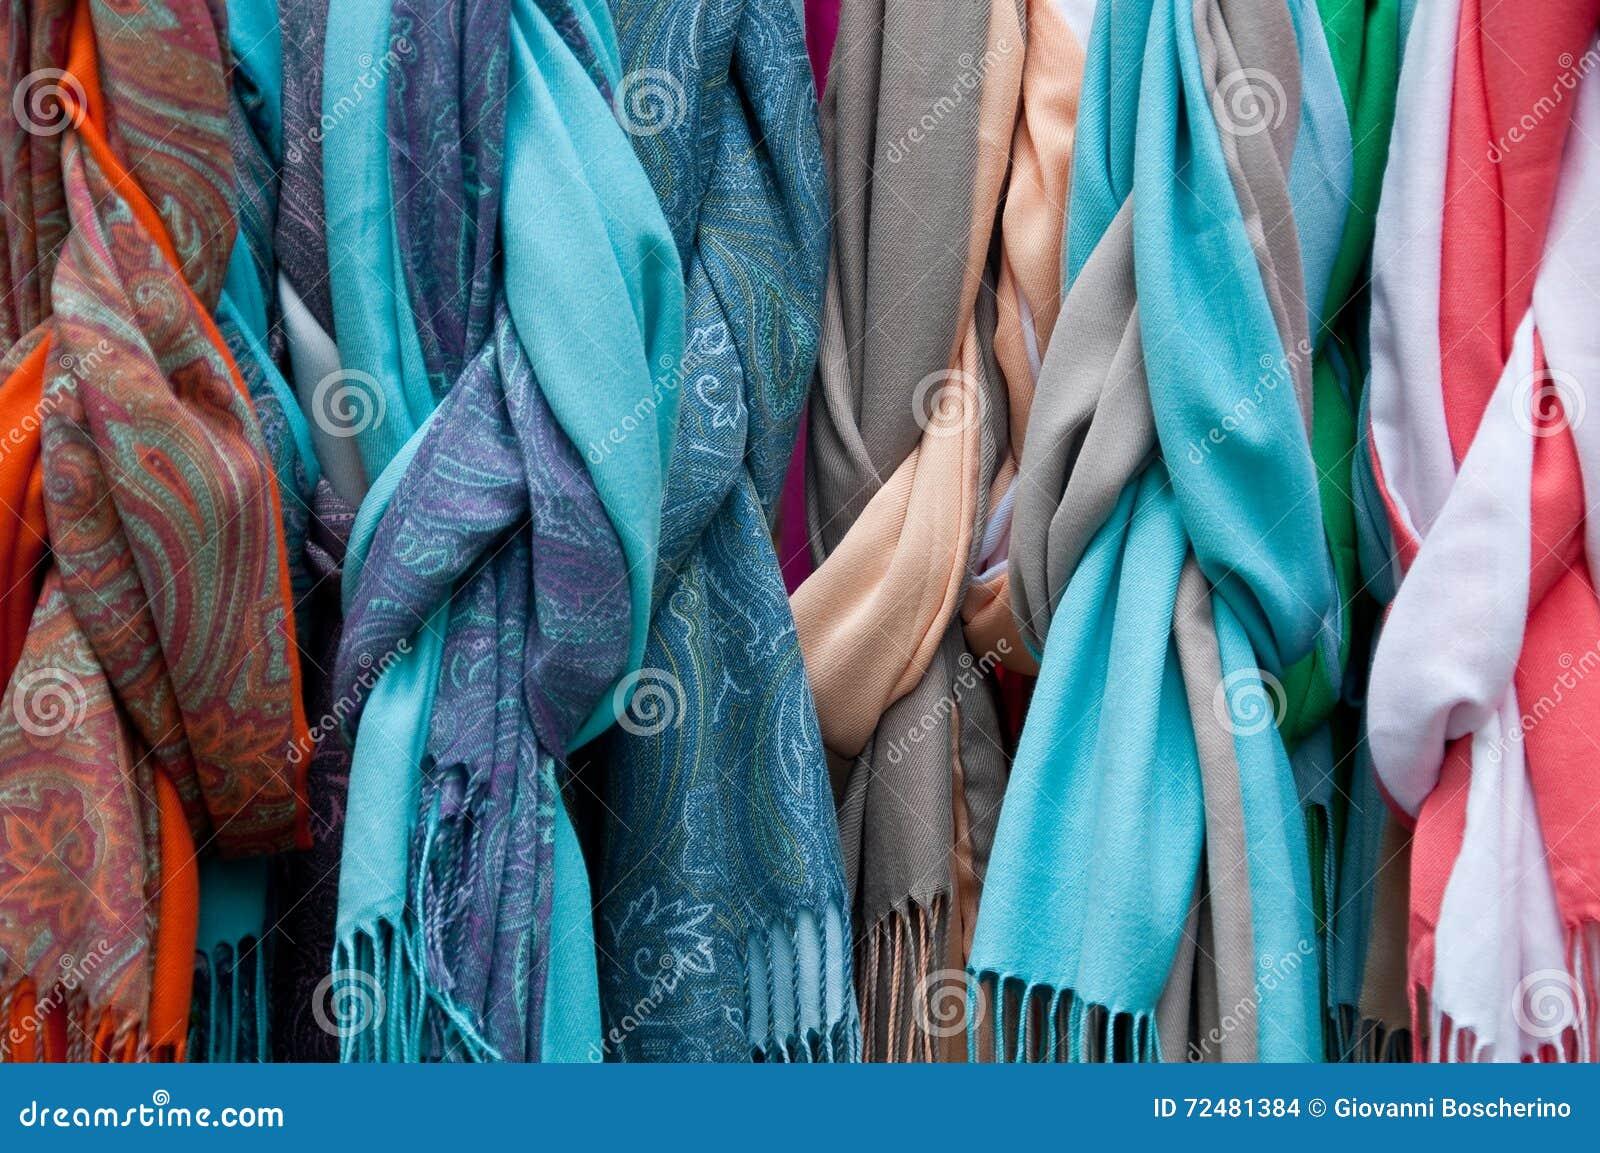 87ae617cedb7 Groupe De Belles écharpes Colorées En Coton Et Laine Photo stock ...